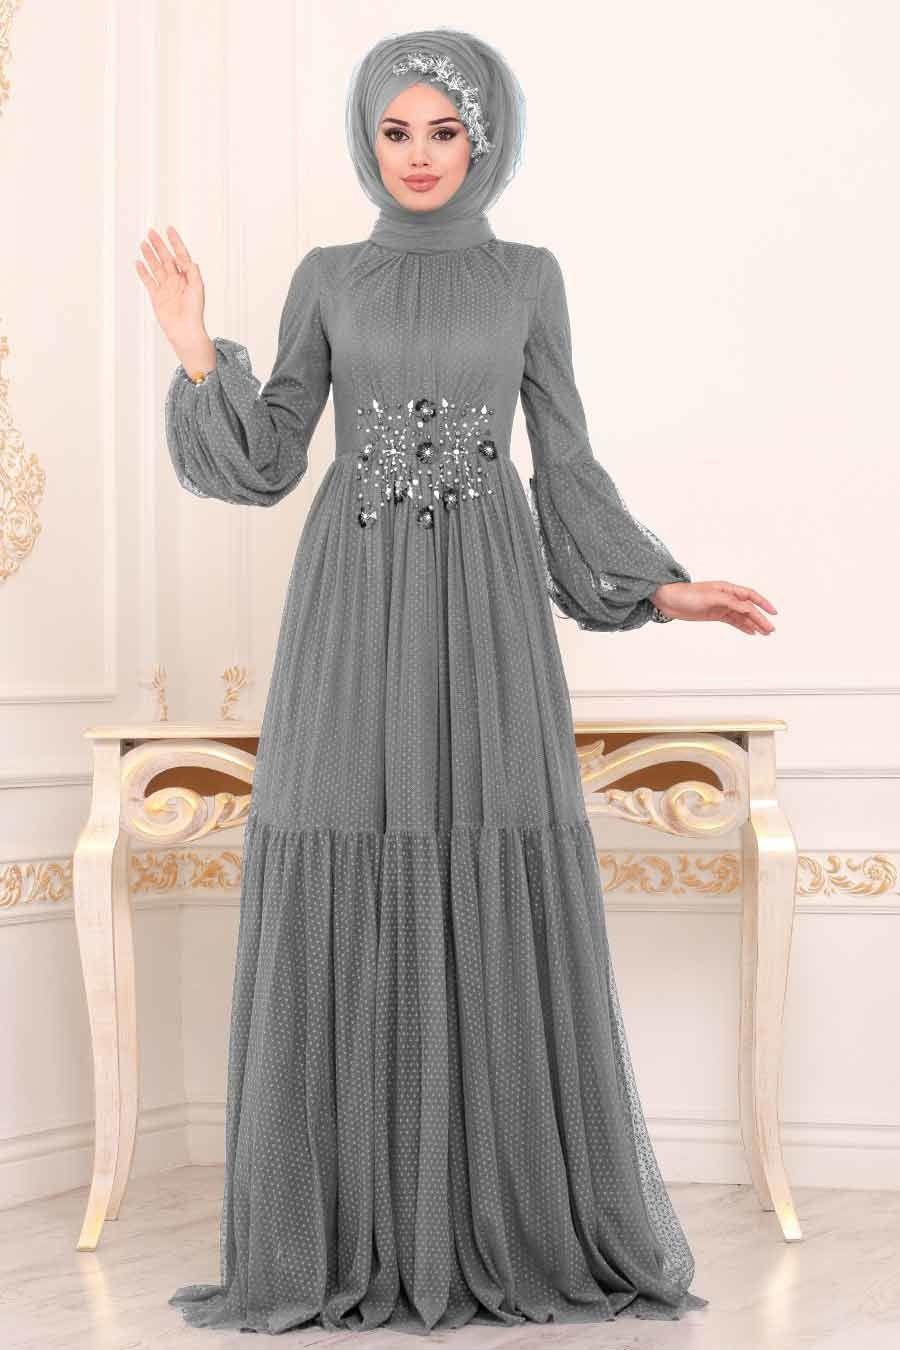 Tesetturlu Abiye Elbise Balon Kollu Gri Tesettur Abiye Elbise 38940gr Tesetturisland Com Elbise Giyim Elbiseler